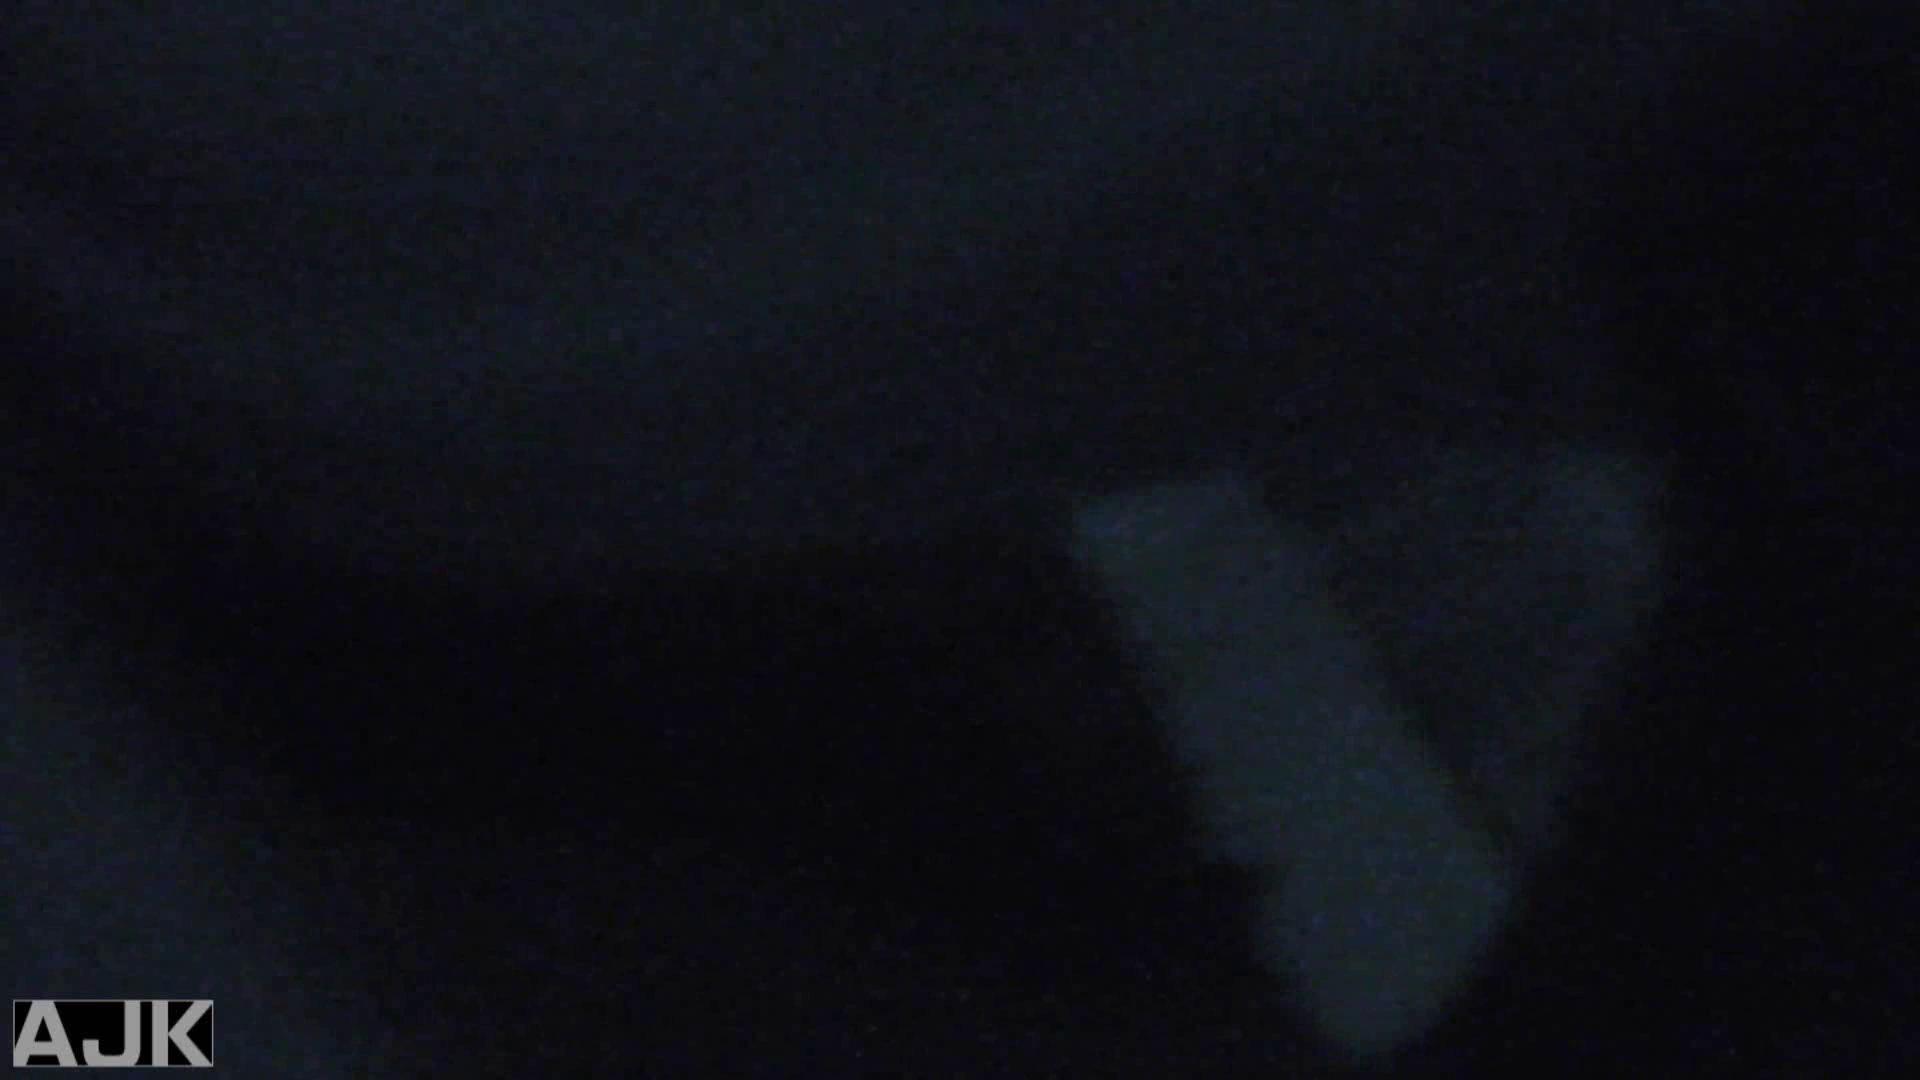 神降臨!史上最強の潜入かわや! vol.05 OLセックス 盗み撮りAV無料動画キャプチャ 81画像 44